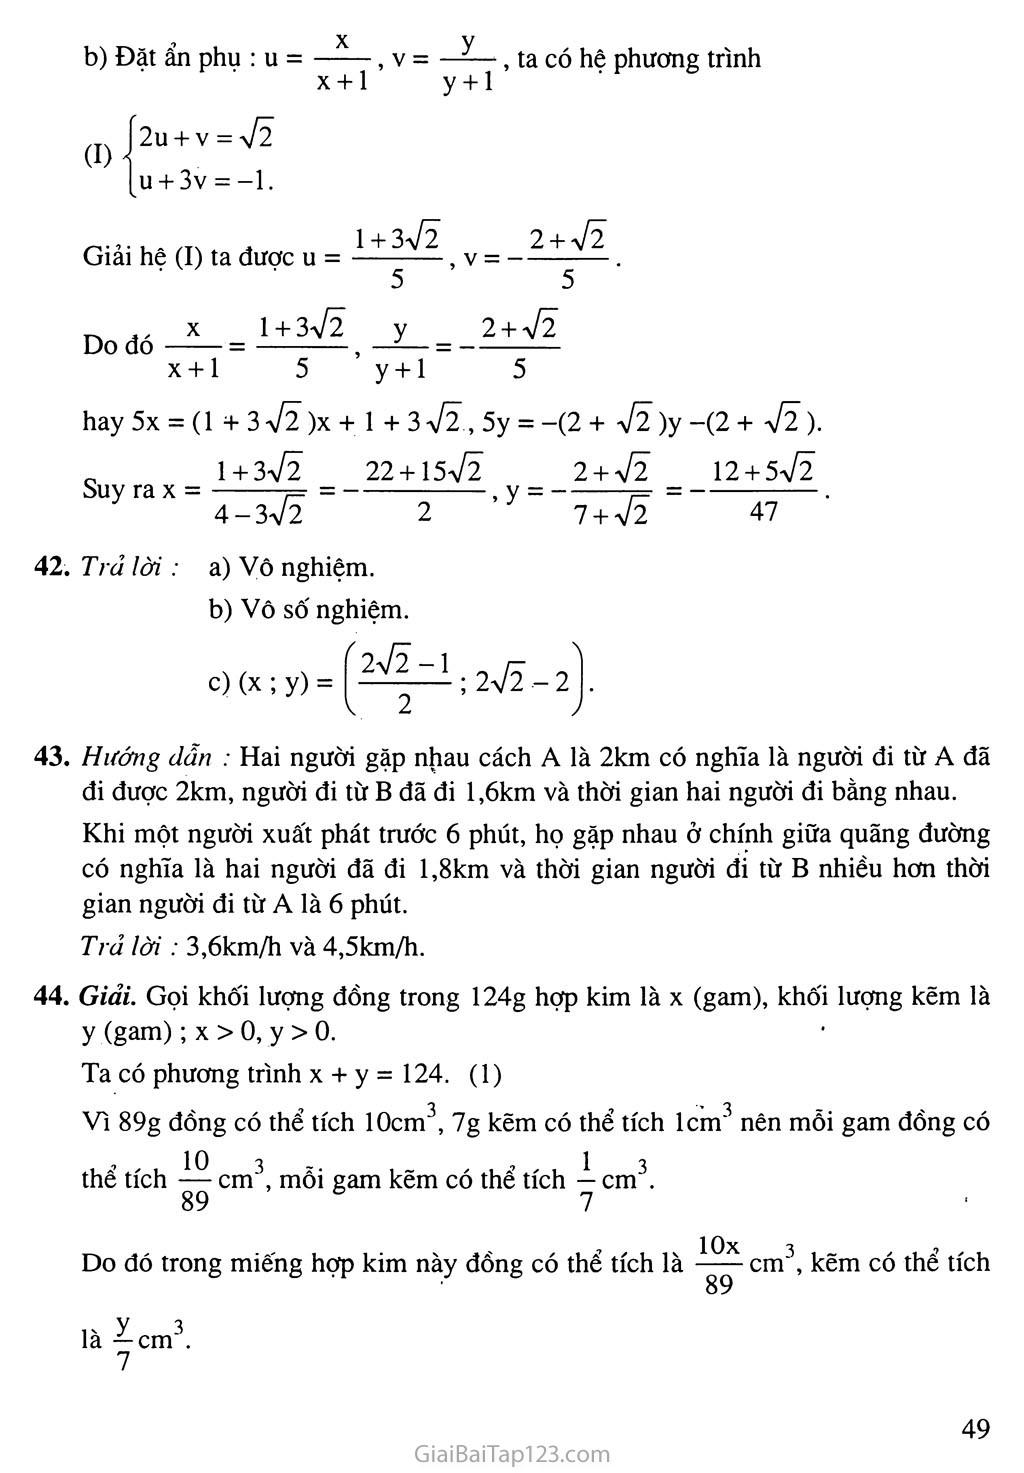 Ôn tập chương III trang 5